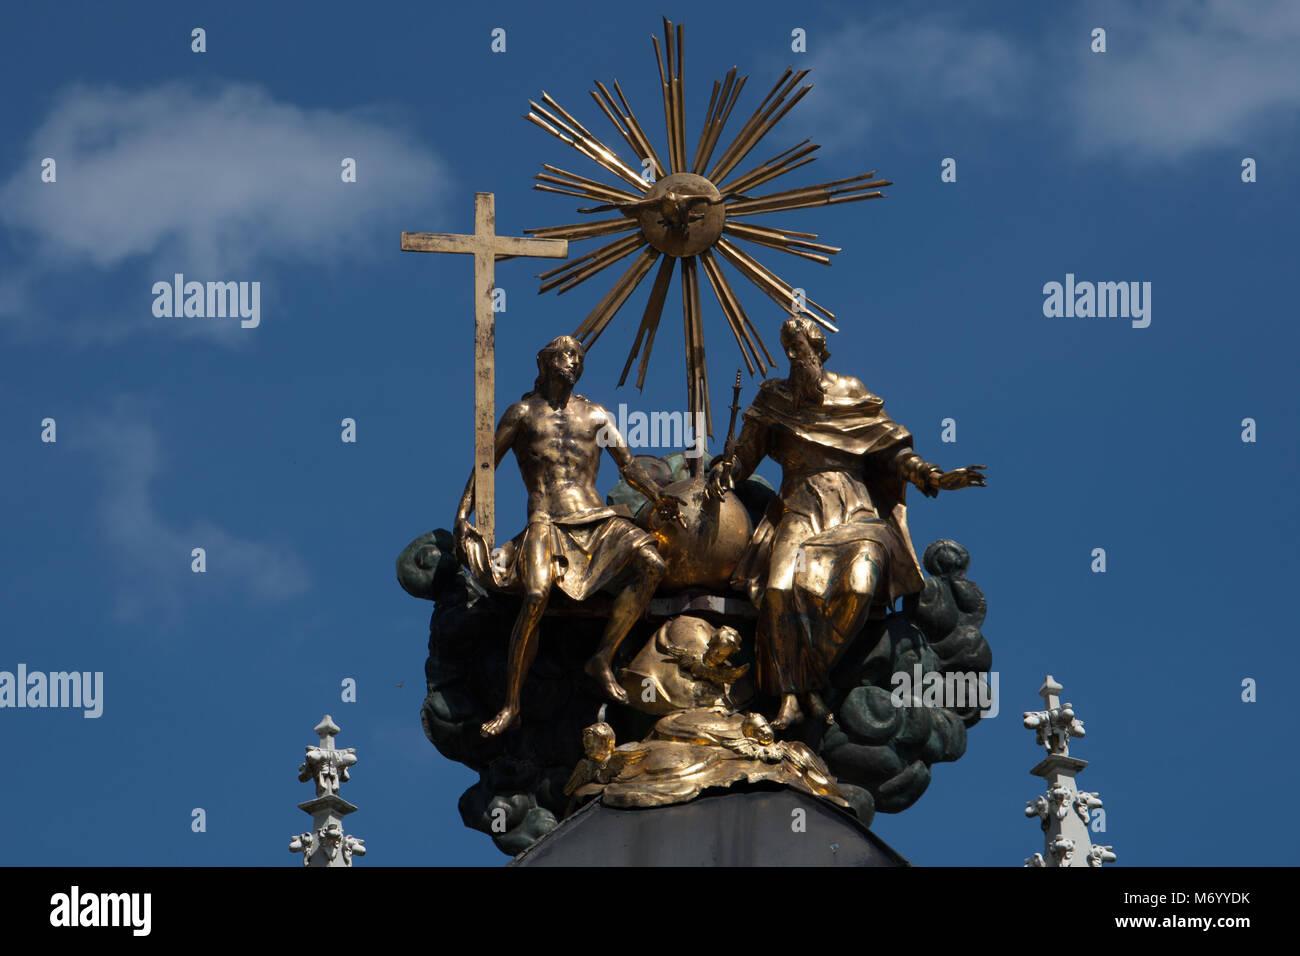 Den berühmten Brunnen Sankt Corona. Hier eine eucharistische Wunder entstanden, daher das Wasser heilende Wirkung Stockbild